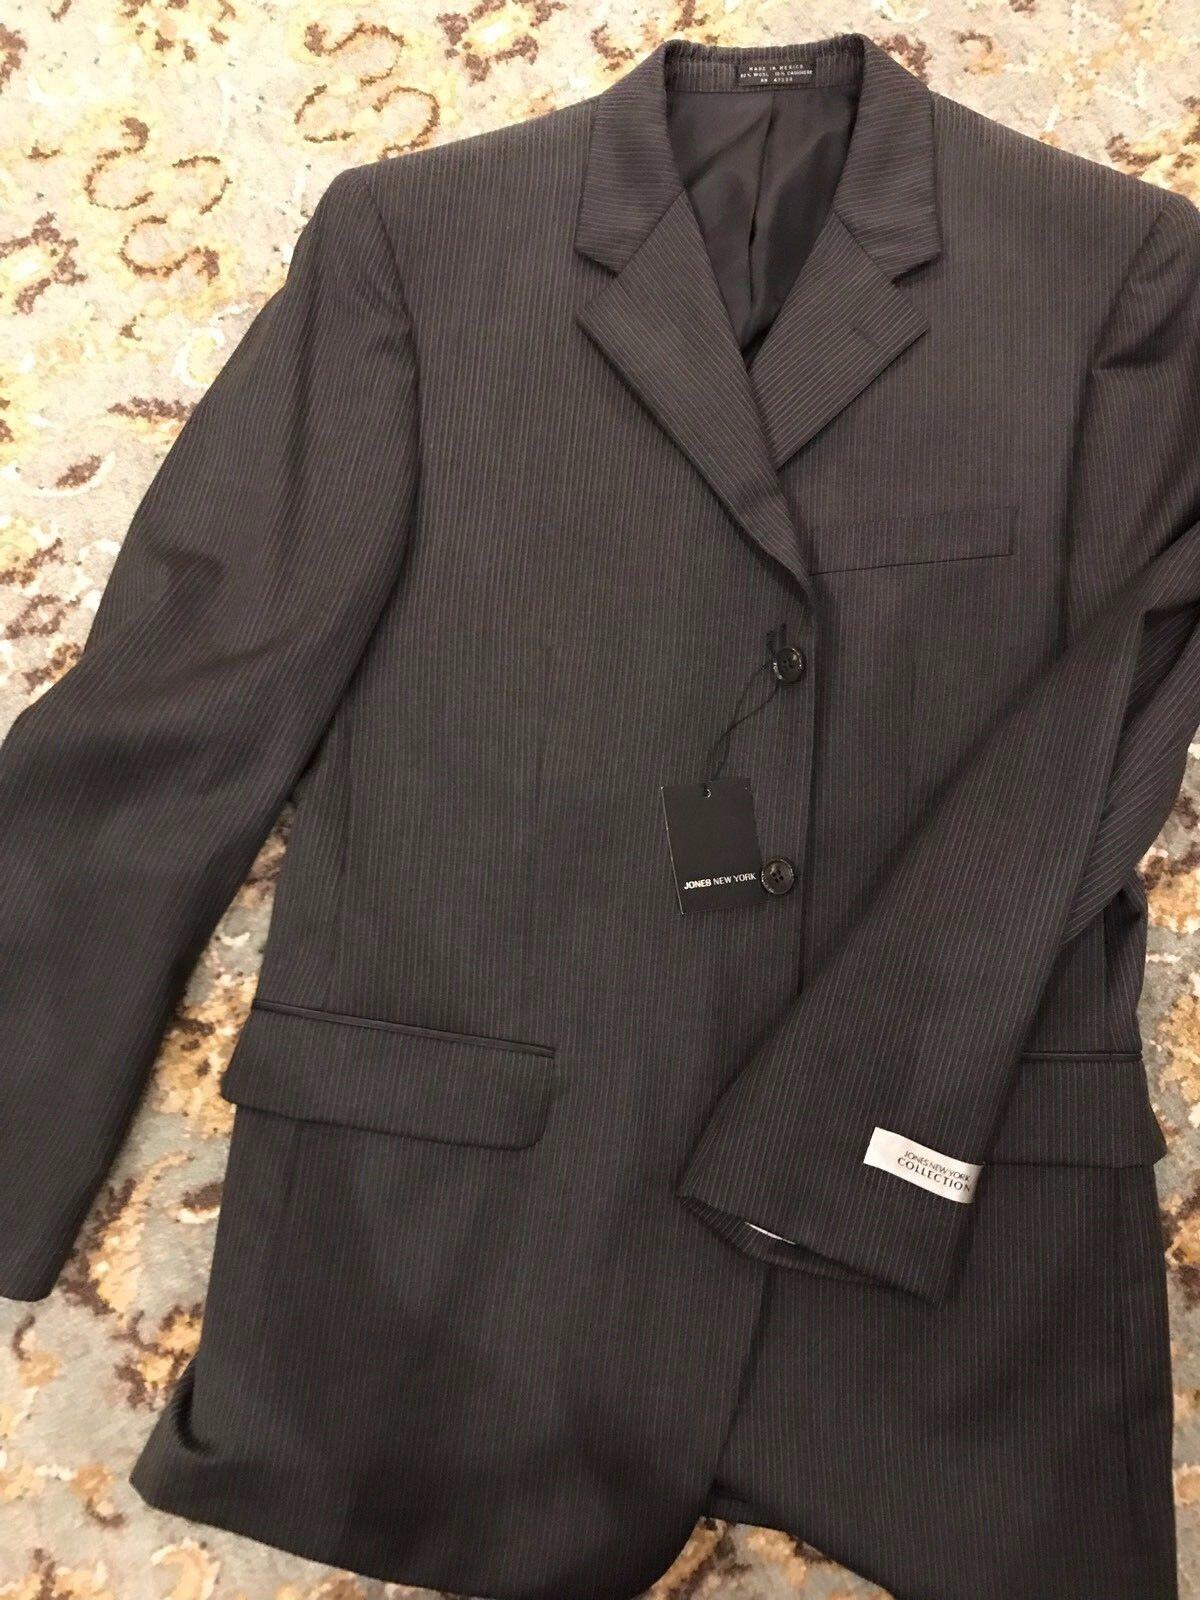 New - Jones New York  Herren Charcoal Pinstripe suit - Wool - 40R, 35W